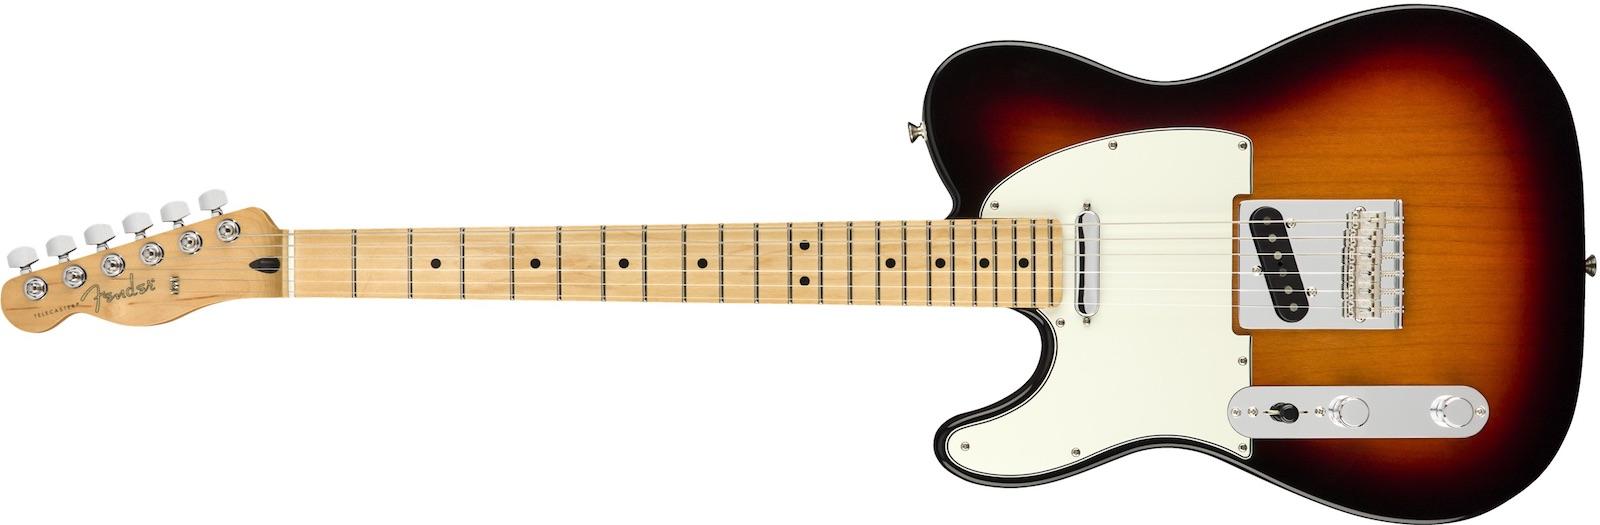 【新品】Fender Player Telecaster Left-Handed Maple Fingerboard ~3-Color Sunburst~ 【お取り寄せ】【送料無料】【池袋店】